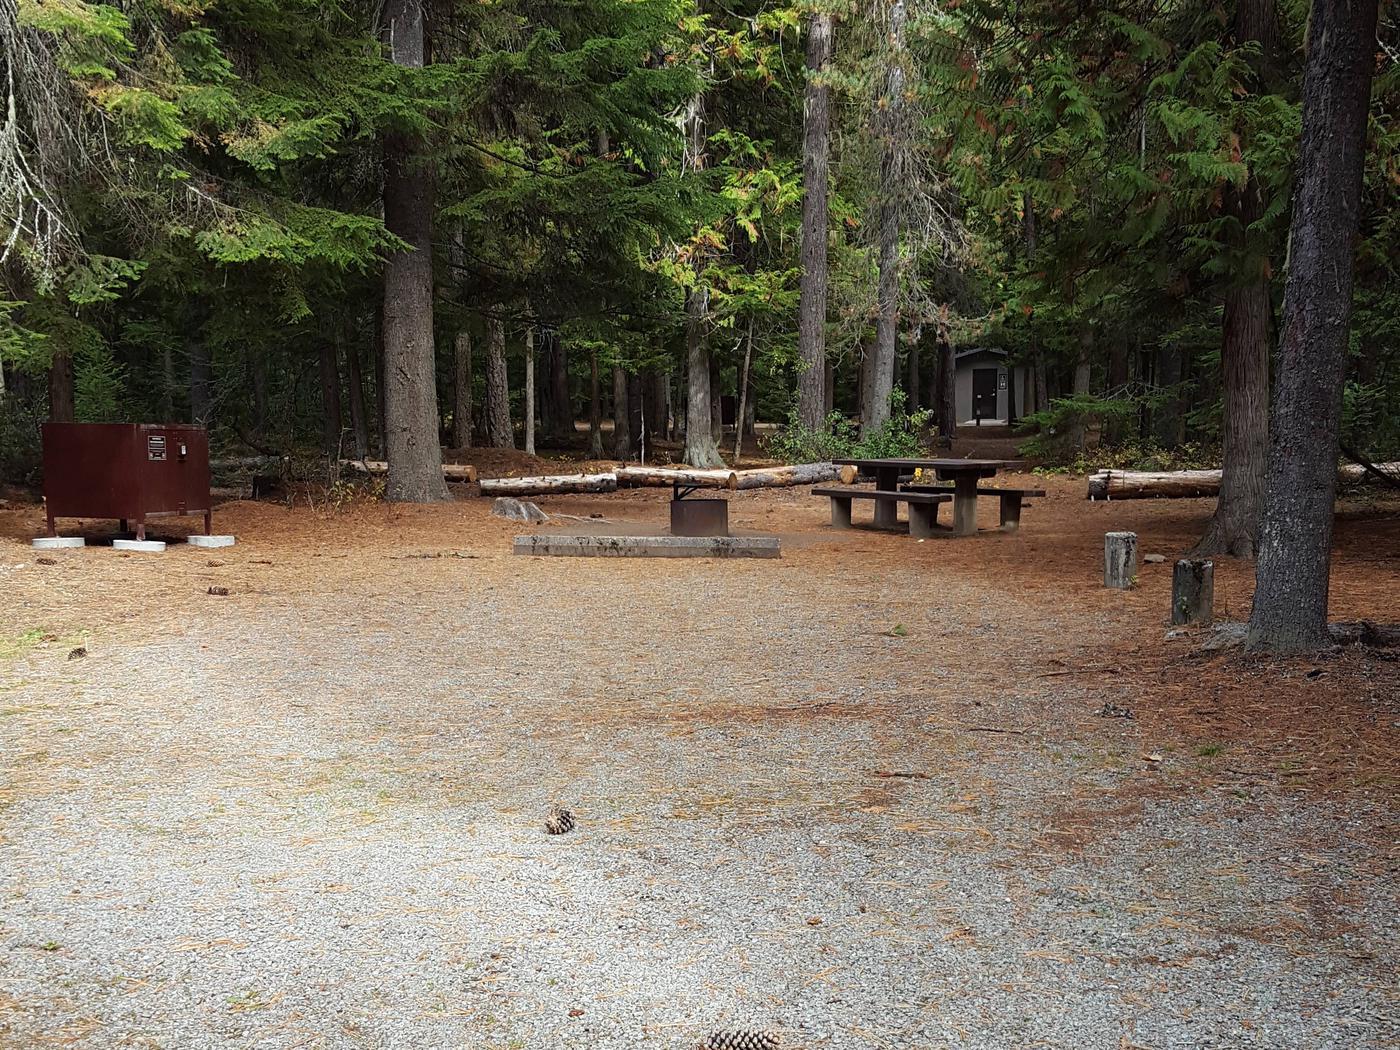 Reeder Bay Campground Site 8